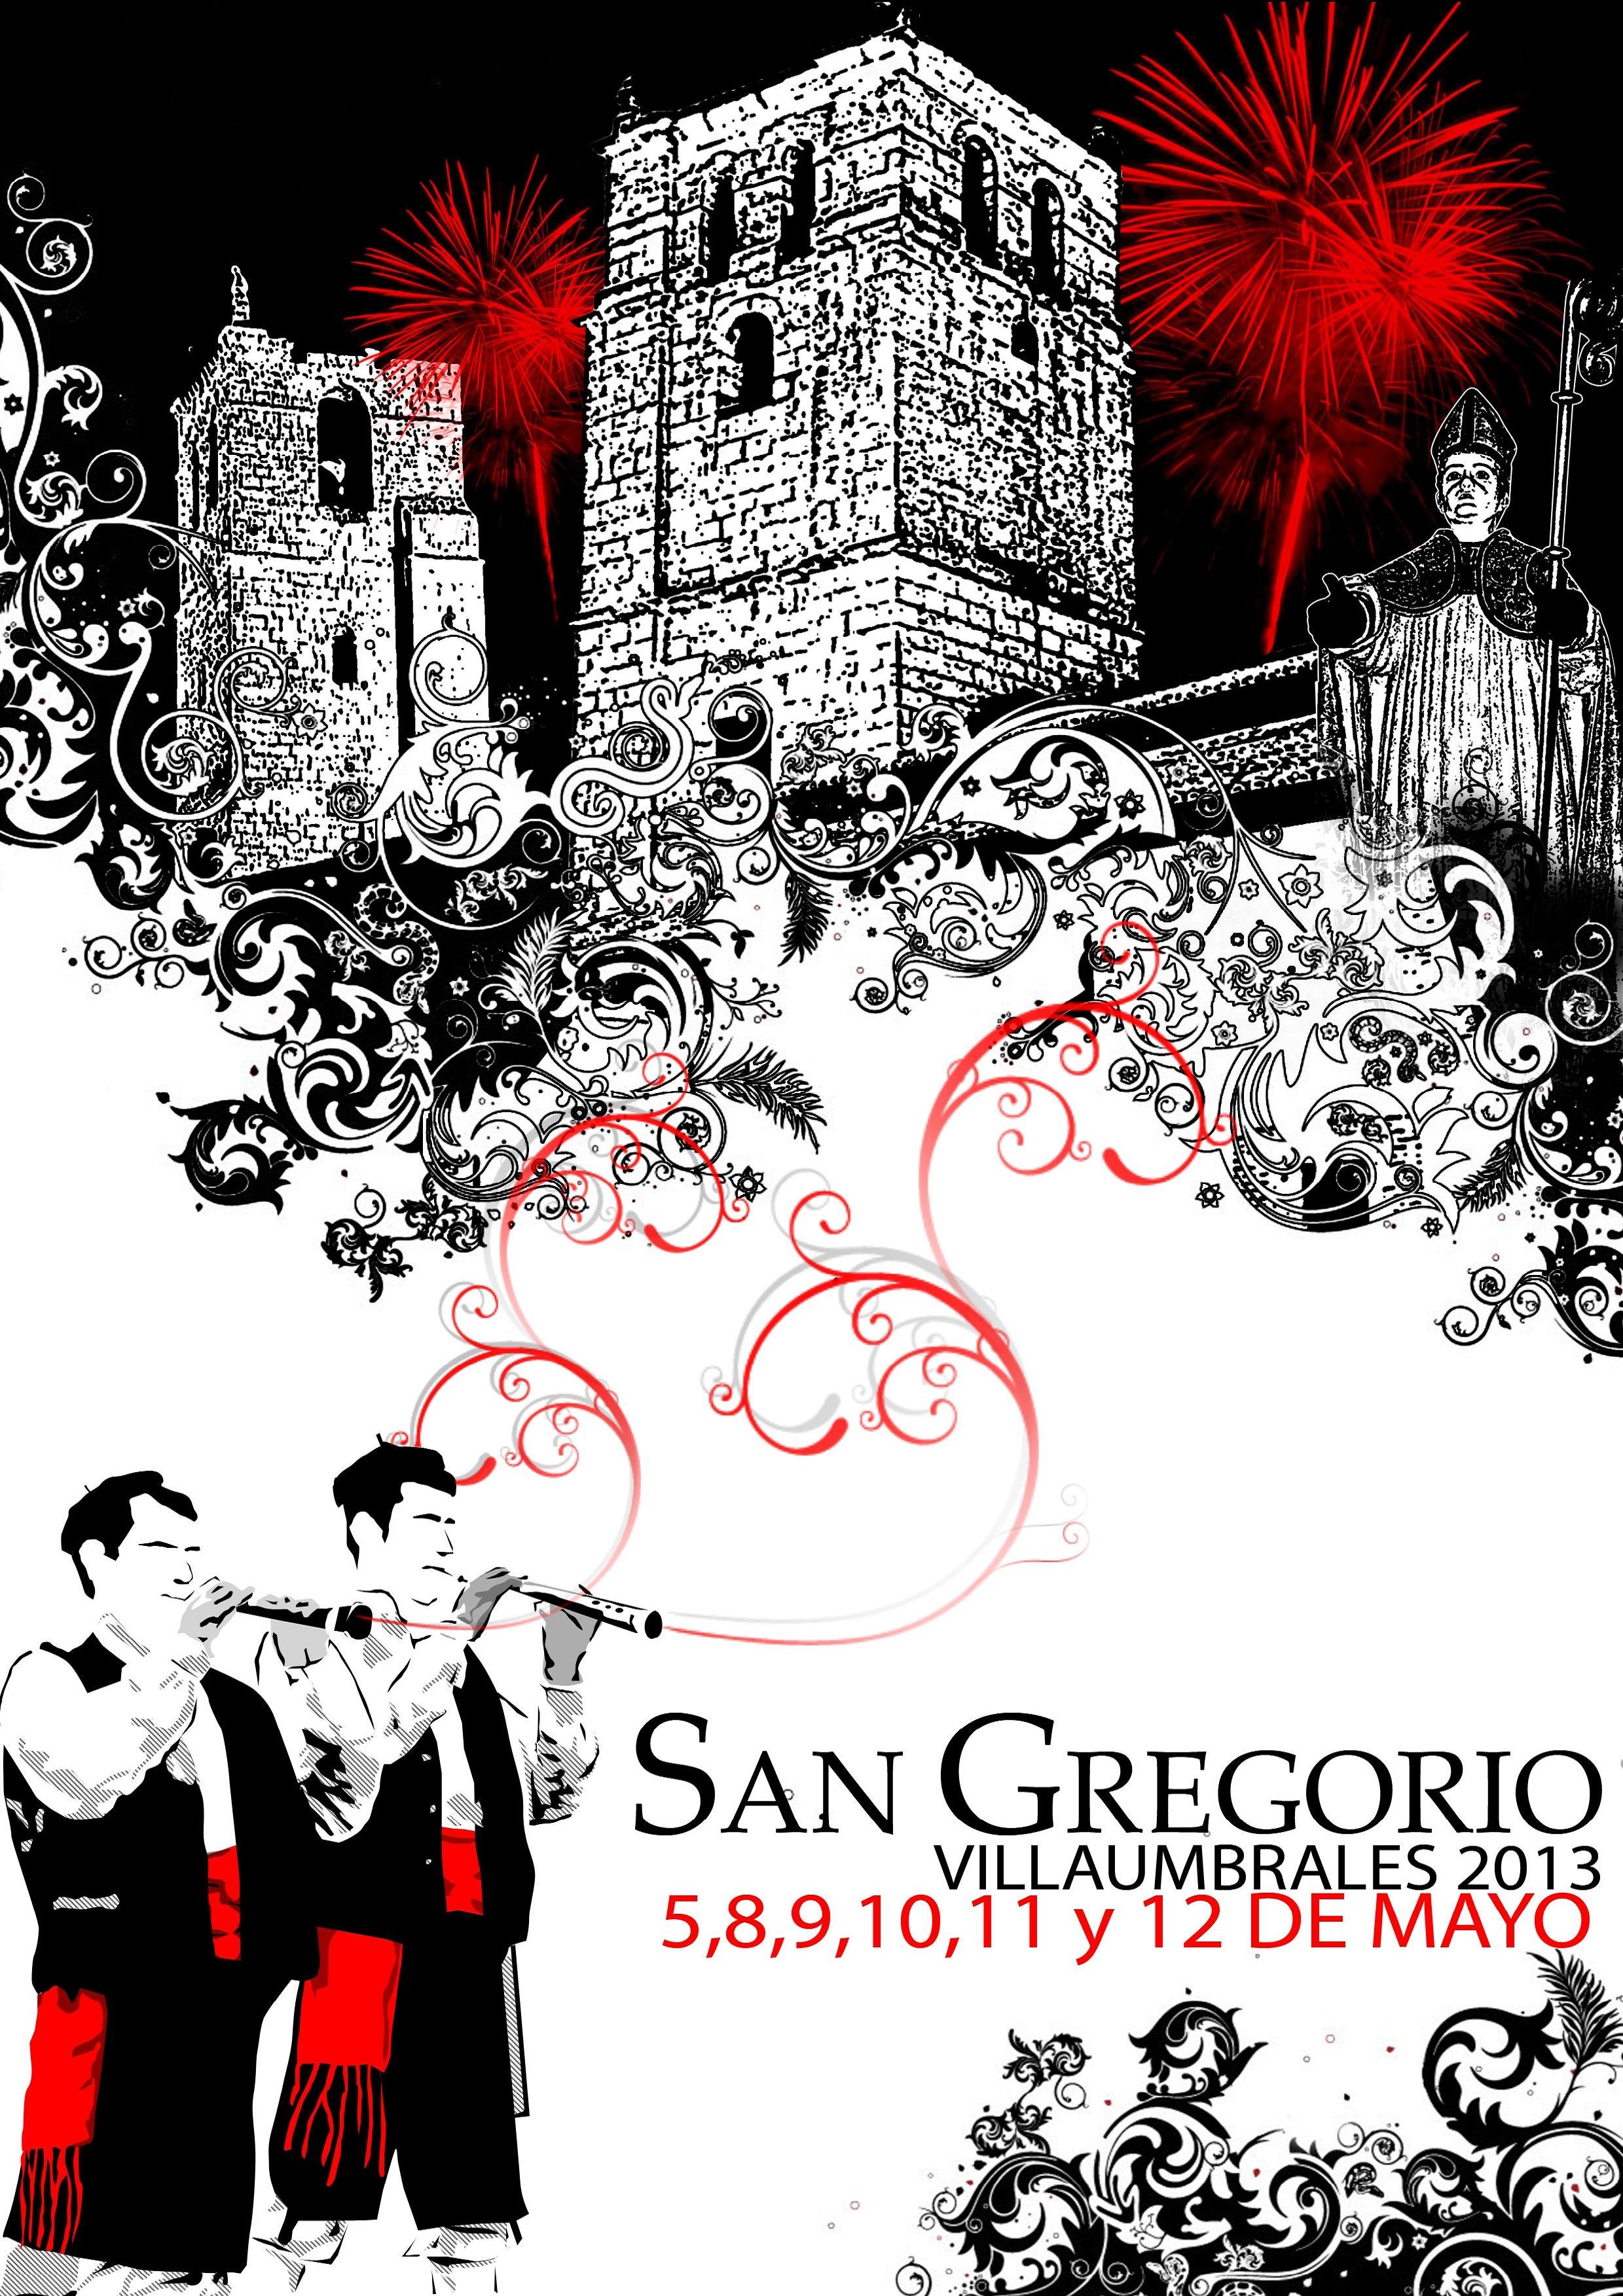 San Gregorio 2013